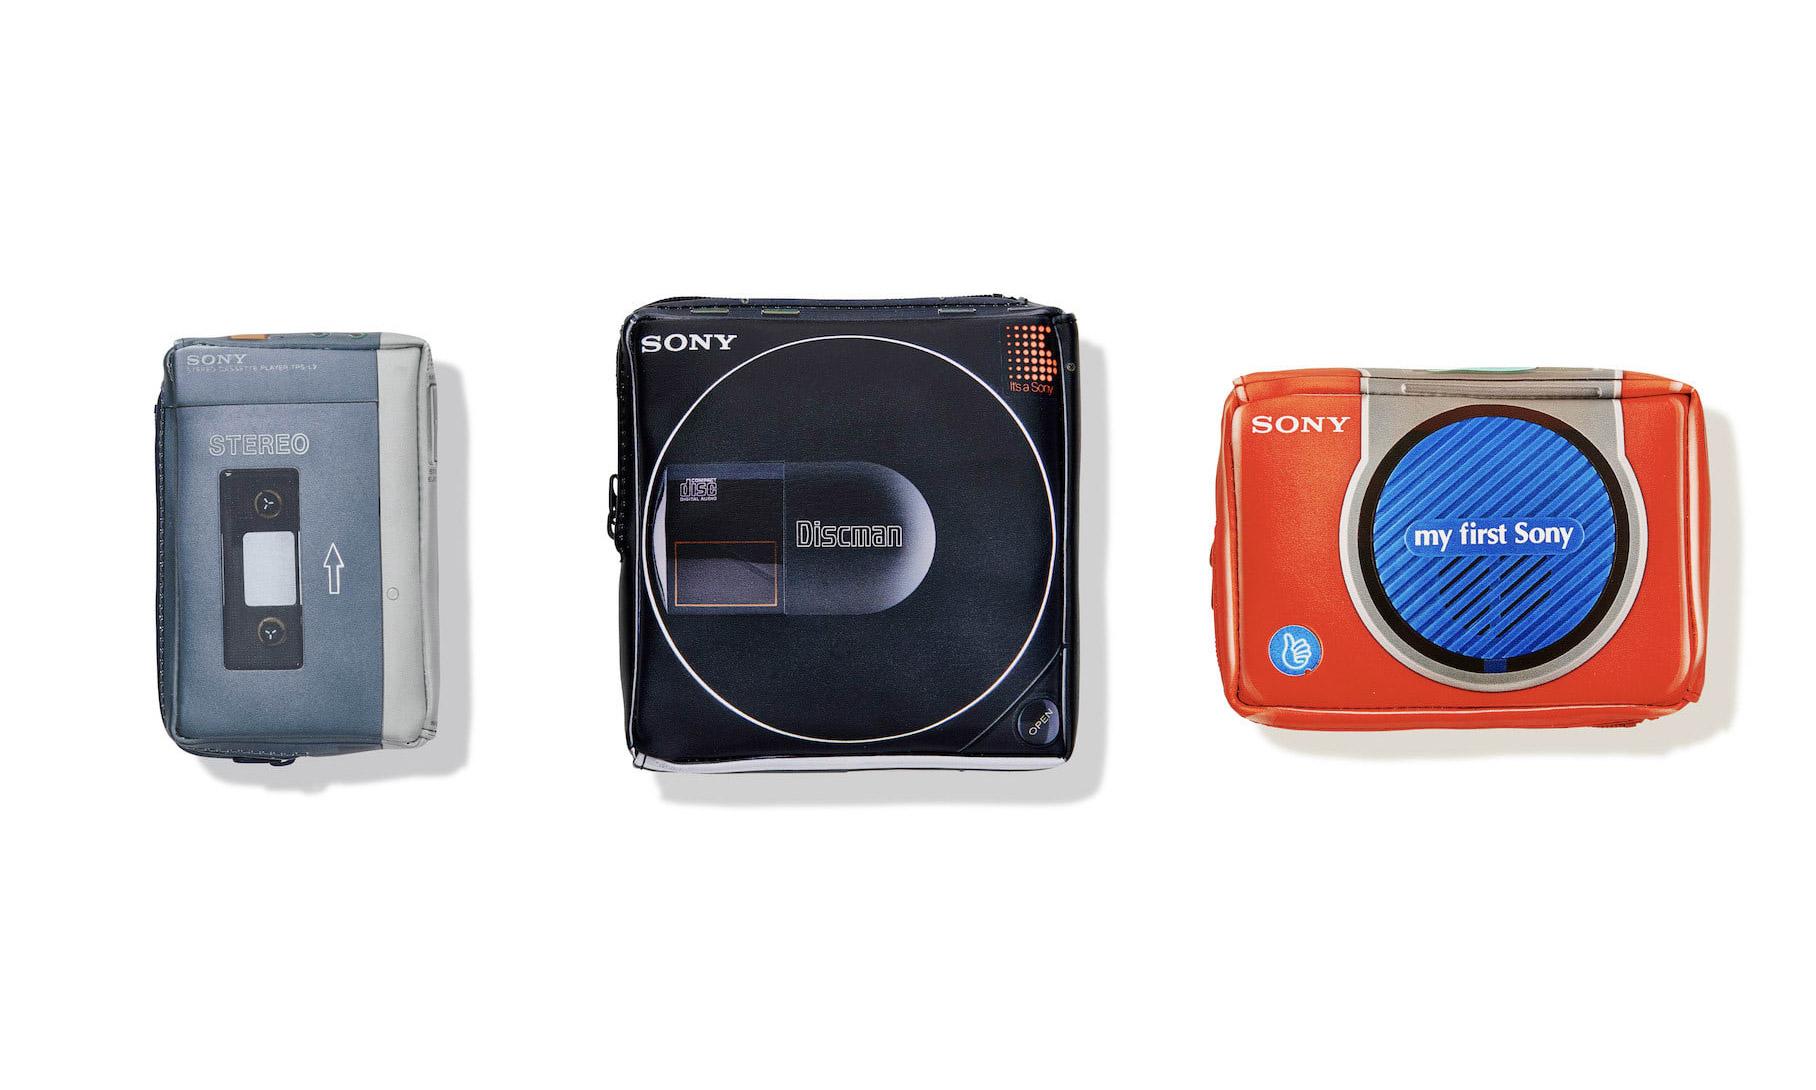 40 周年特殊献礼,索尼 Walkman 纪念包组即将限量发售